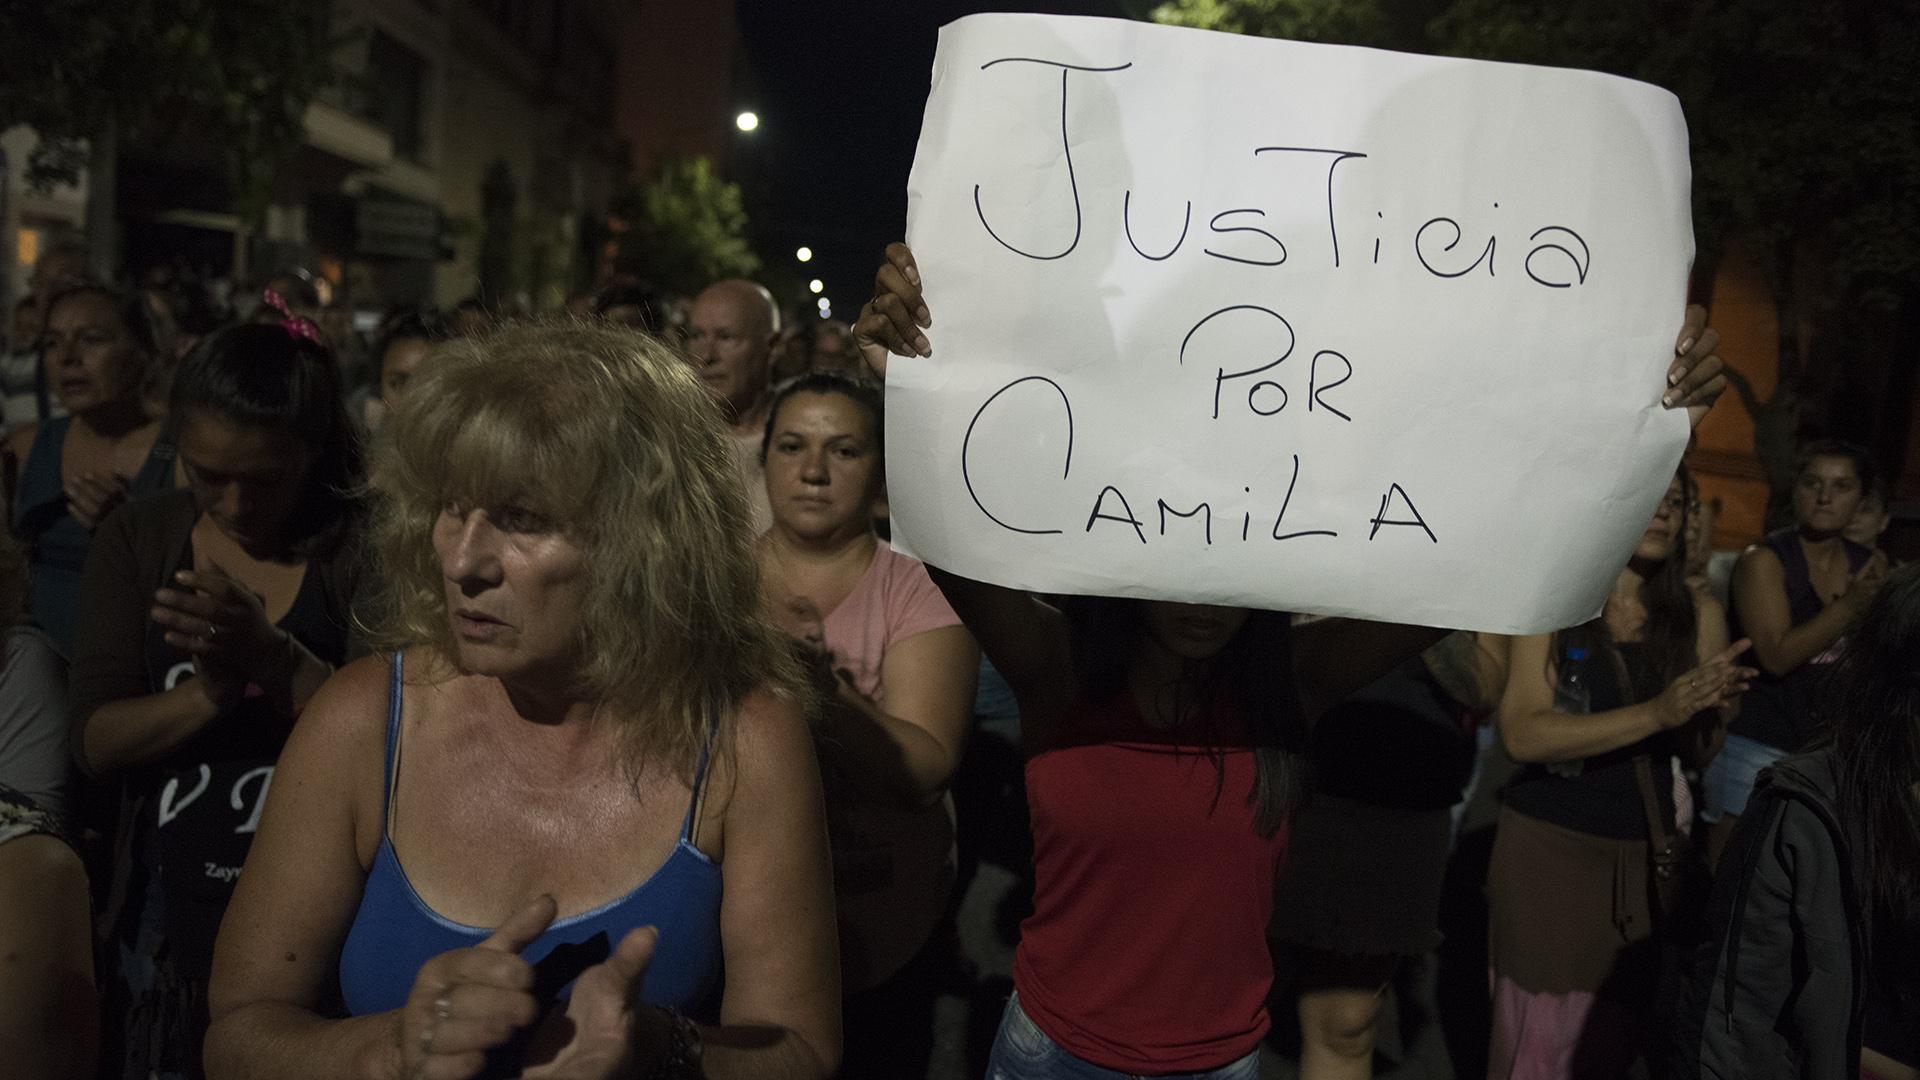 Cientos de personas marcha por las calles de la ciudad de Junin reclamando justicia por el reciente asesinato de Camila Borda. (Fotos Adrian Escandar)